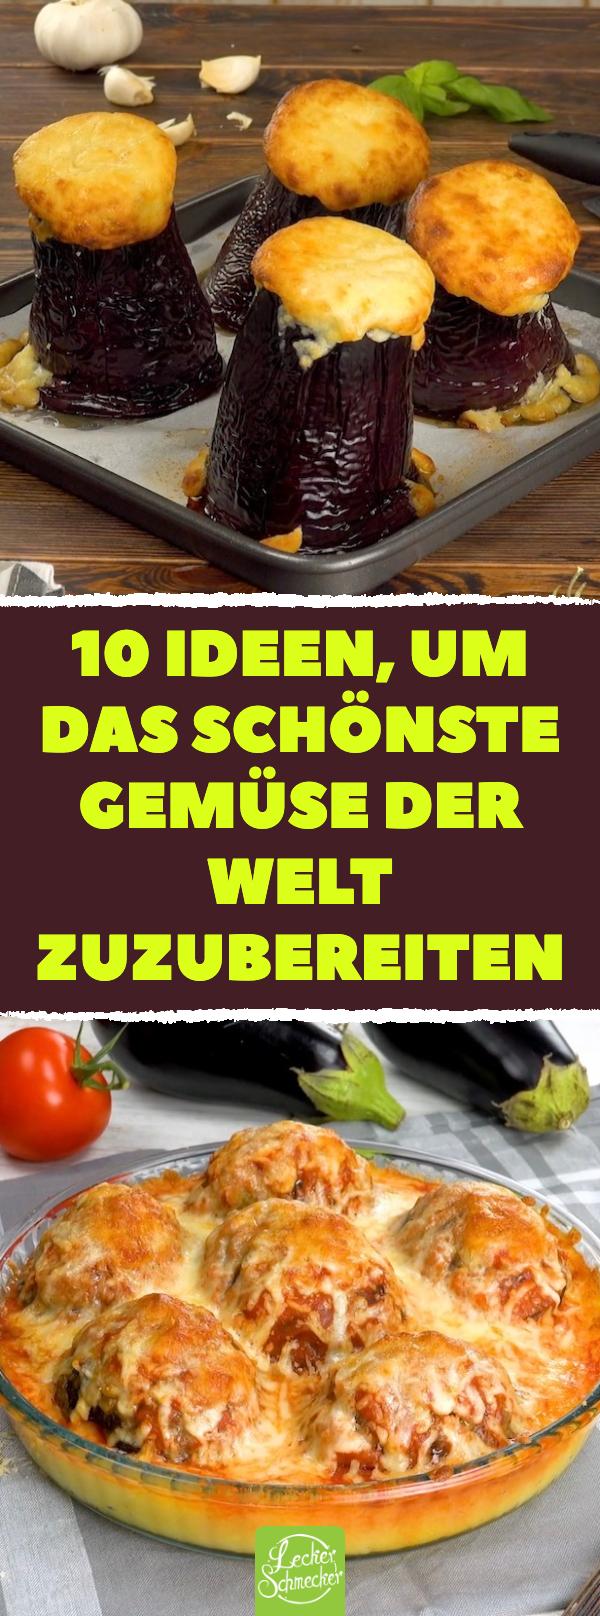 Gefüllt, gegrillt, im Kuchen oder im Auflauf: 10 abwechslungsreiche Rezepte mit Auberginen #onepandinnerschicken